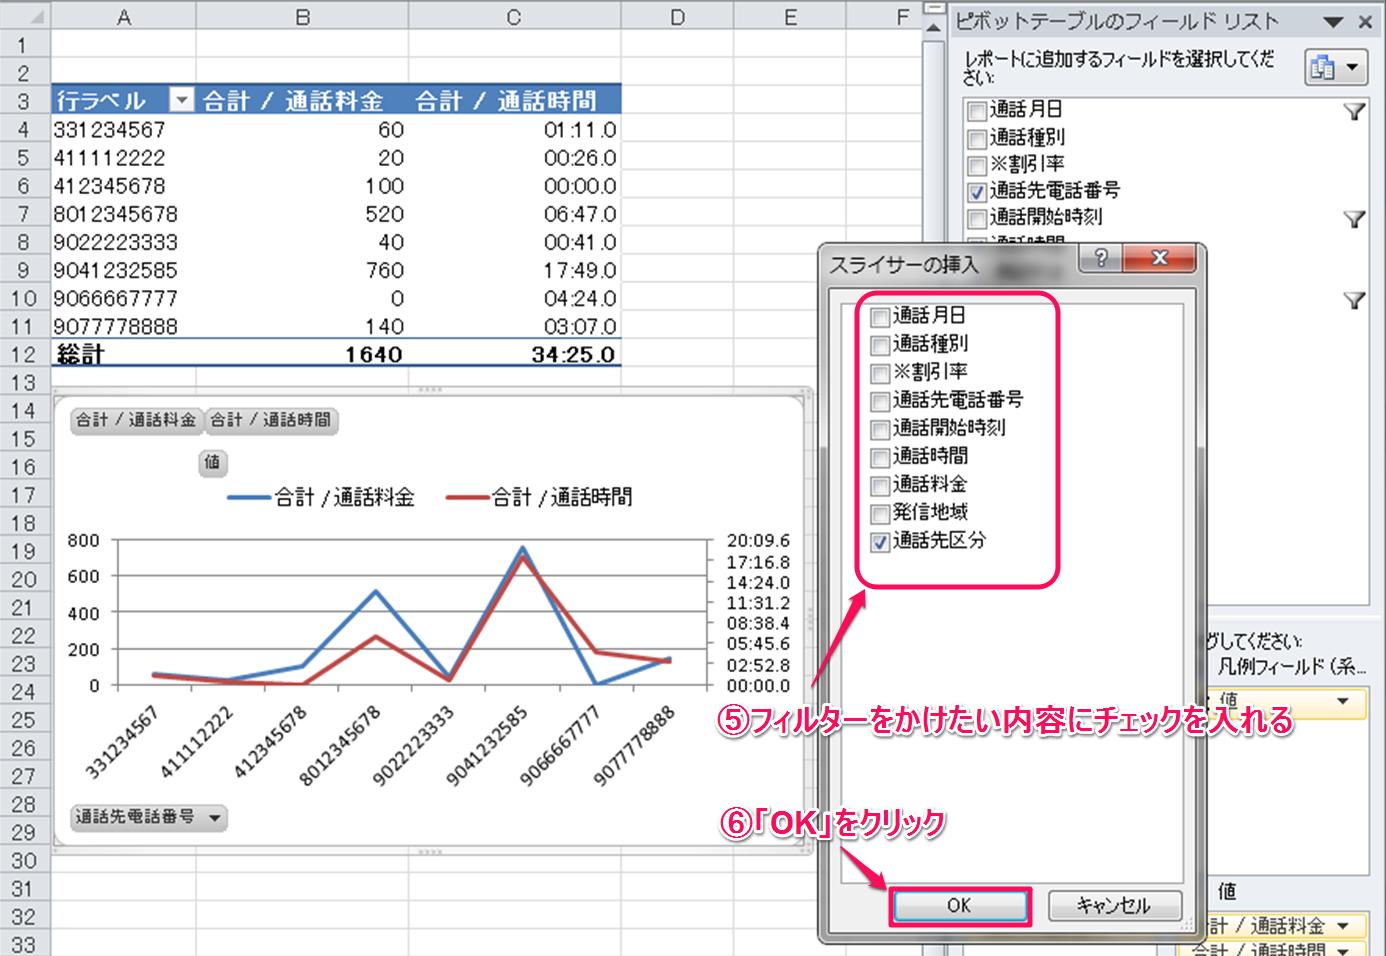 ピボット グラフ 複数 【Excel】ピボットグラフって何が便利なの?